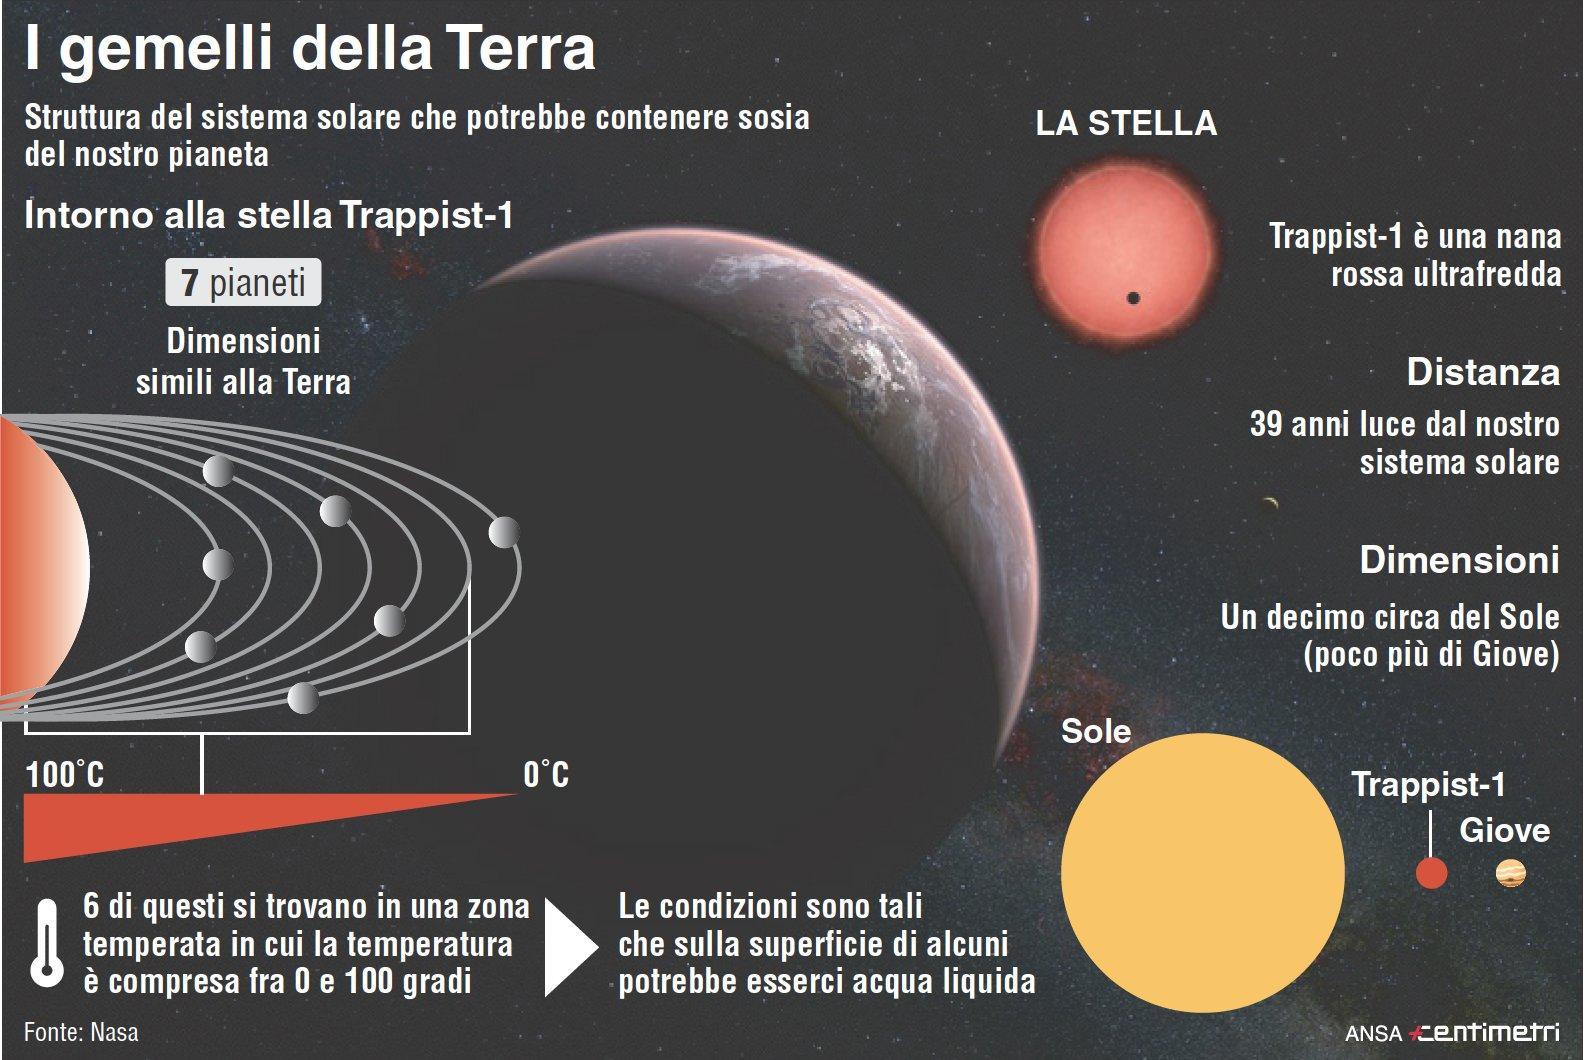 Spazio, l annuncio della Nasa: scoperto un sistema solare con 7 pianeti simili alla Terra